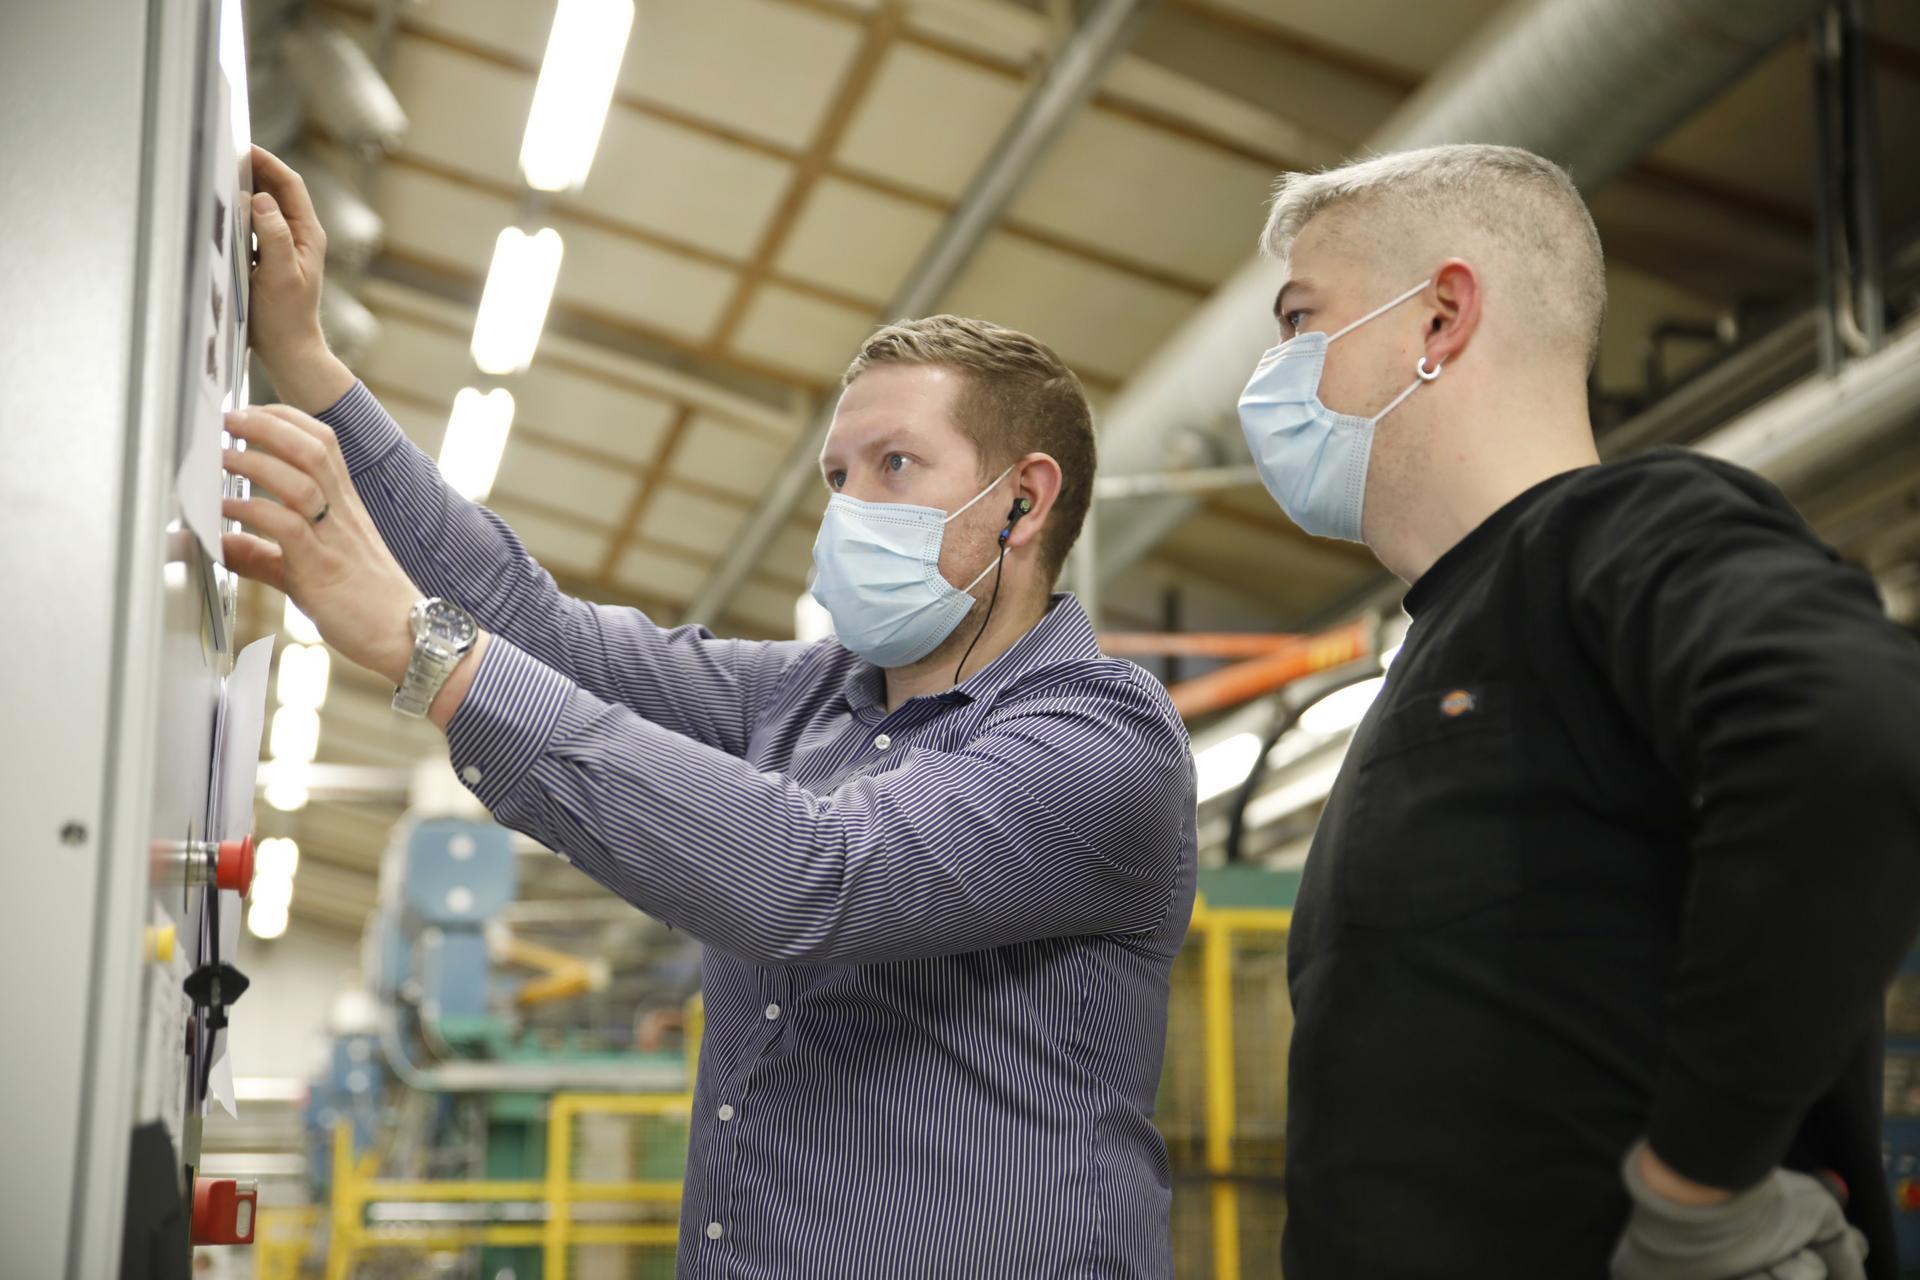 Luopioisten tehtaan solumuovittuotteiden tuotannosta vastaava Antti Kopola ottaa käyttöön uutta EPS/EPP-hybridituotantokonetta yhdessä Pasi Lahden kanssa.